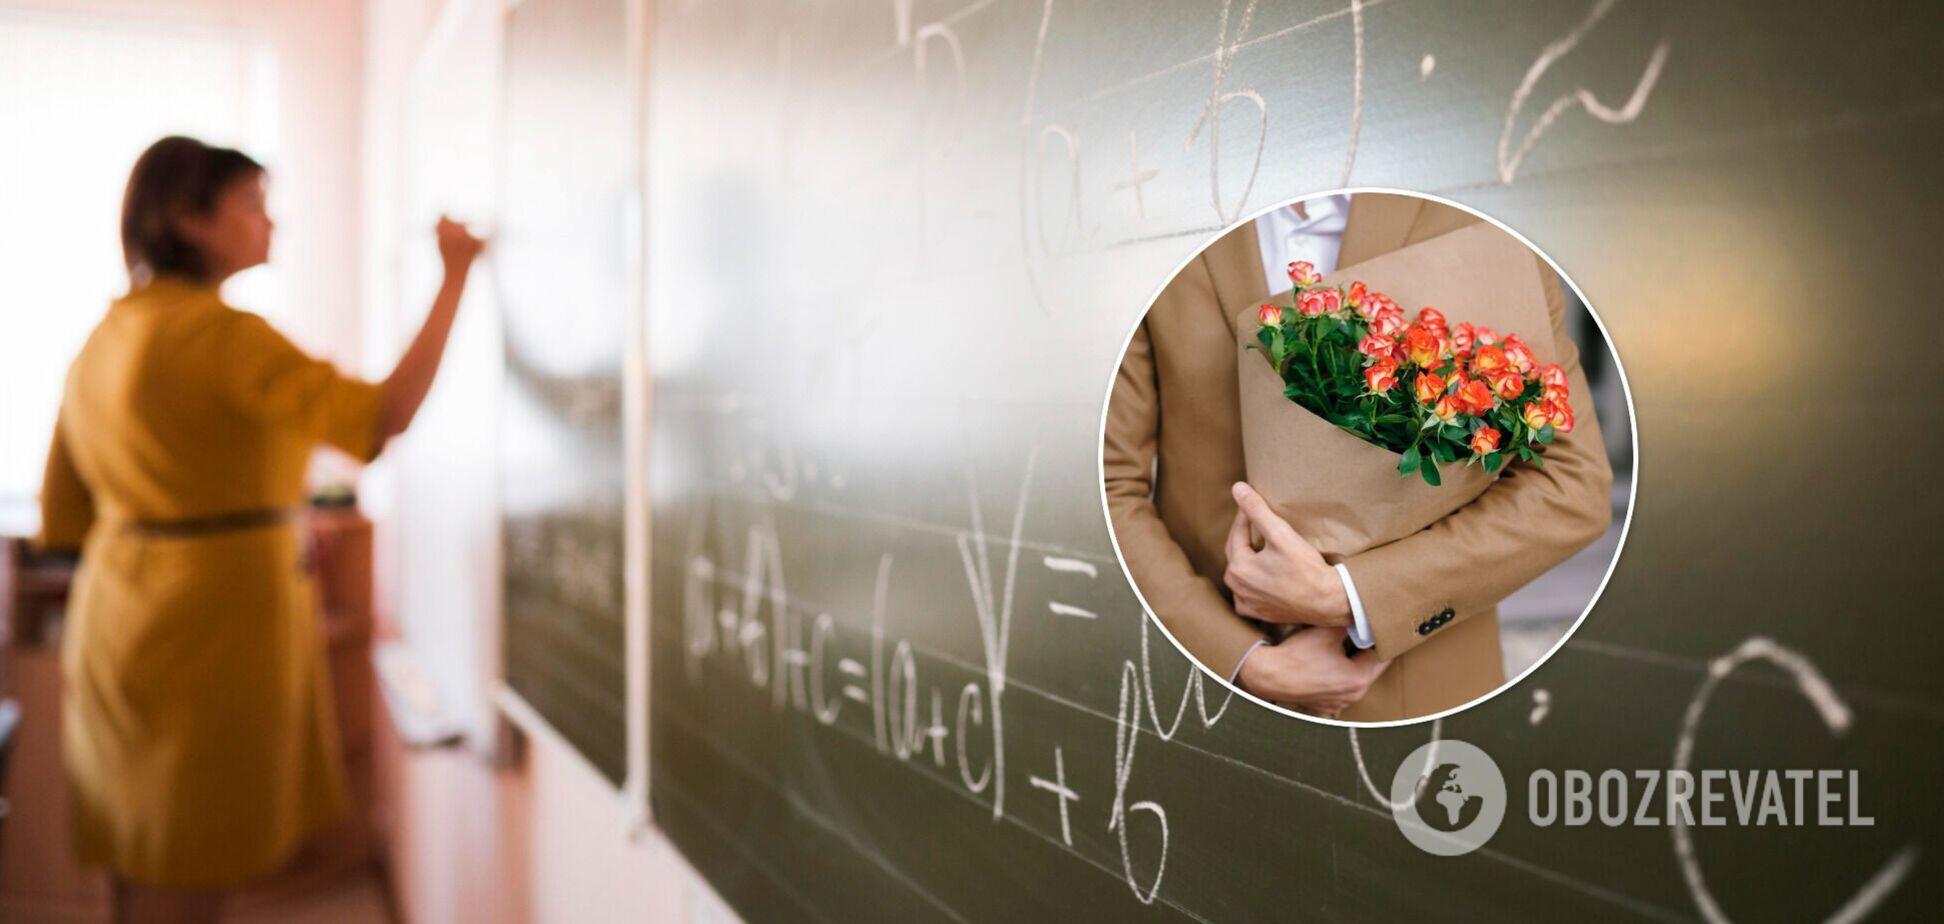 У мережі розгорілася дискусія на тему святкування Дня вчителя